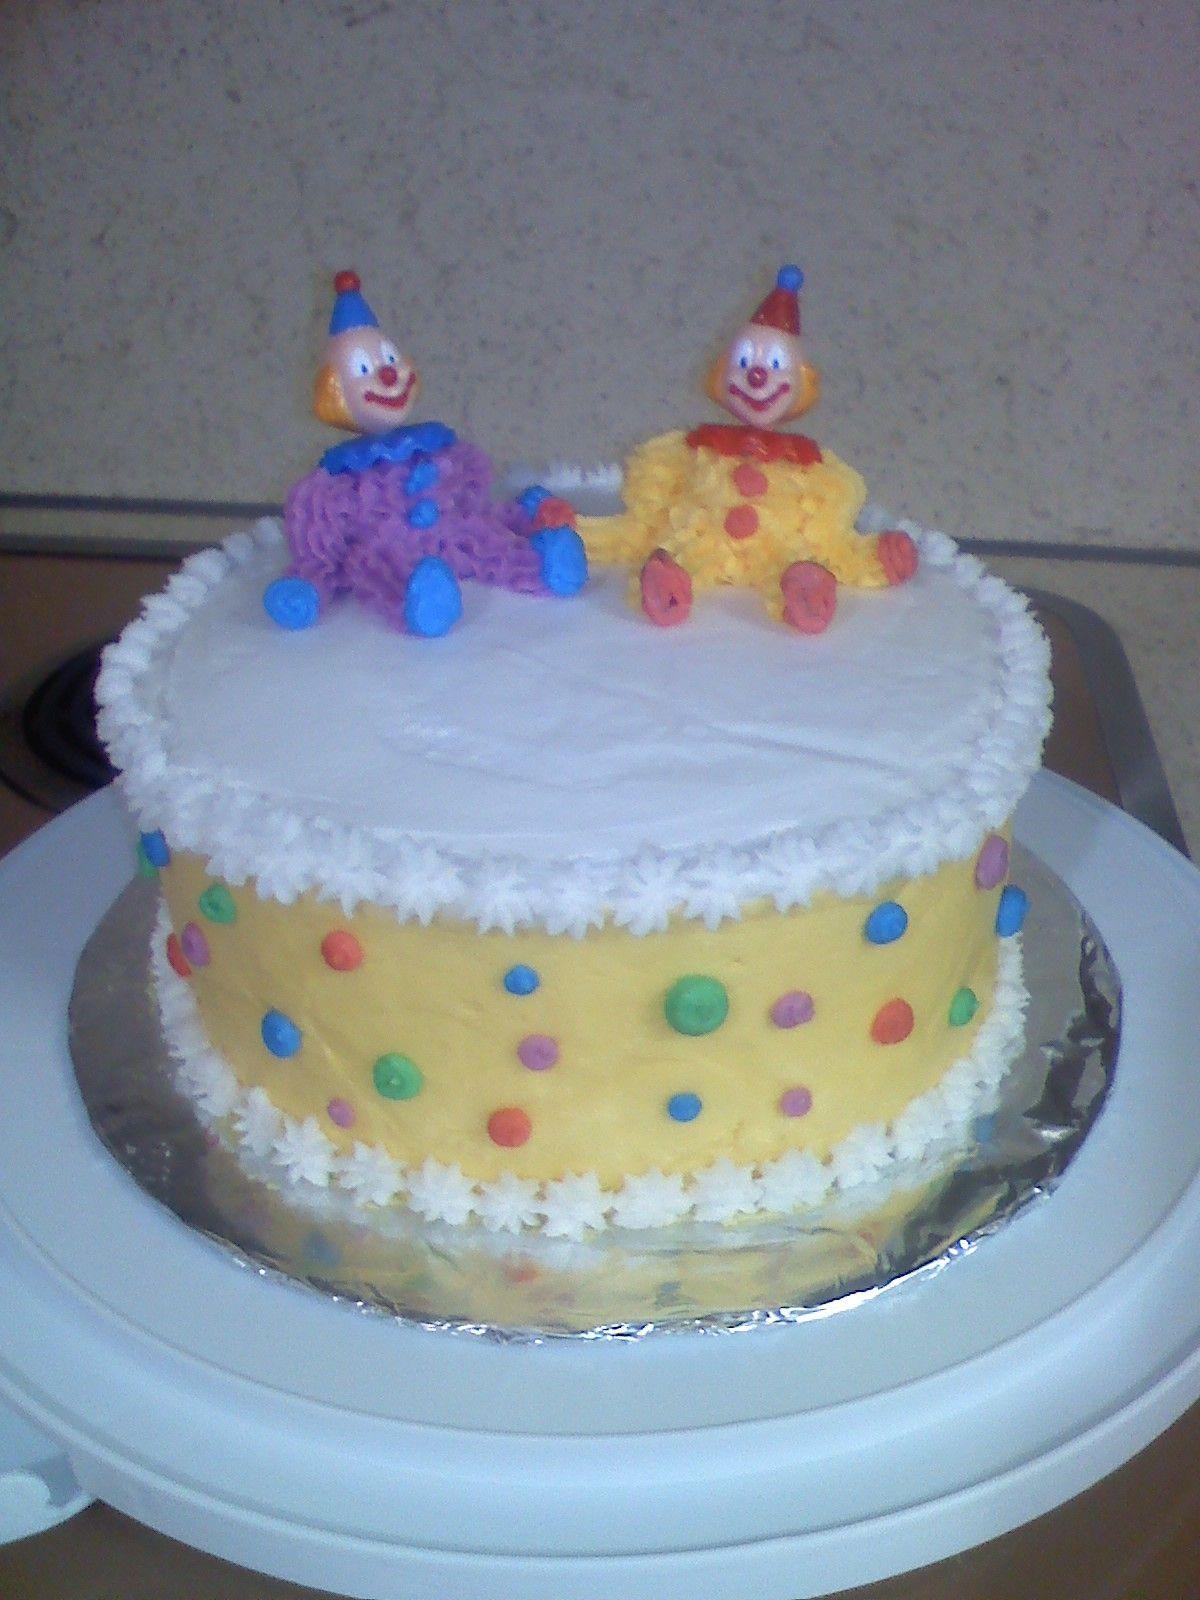 Wilton class cake - buttercream clowns